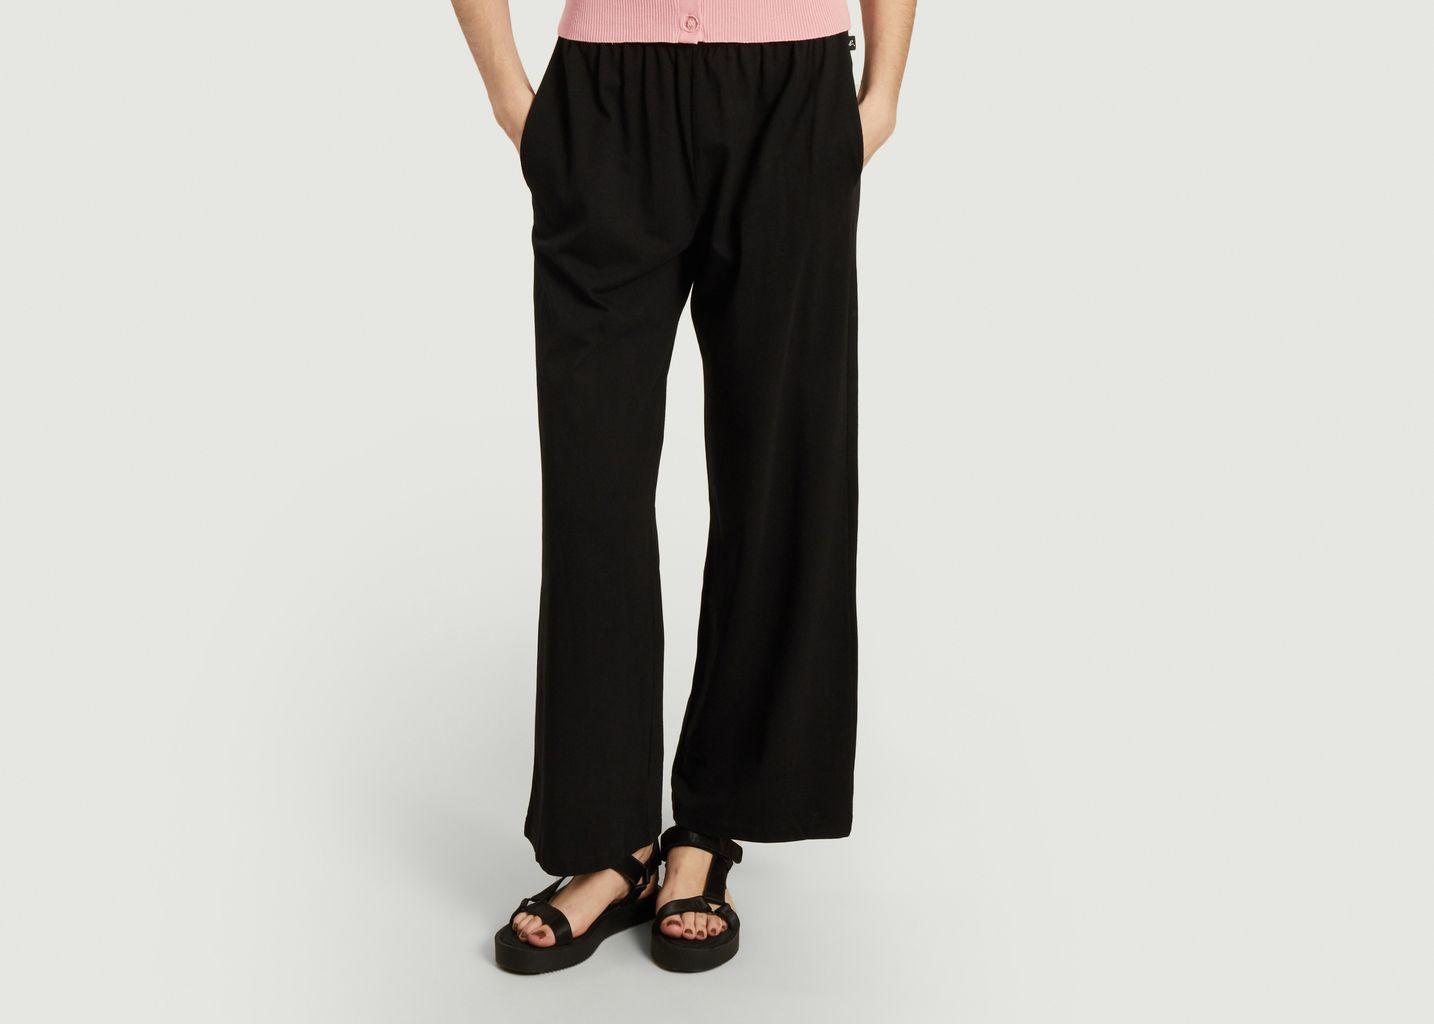 Pantalon Seville  - agnès b.